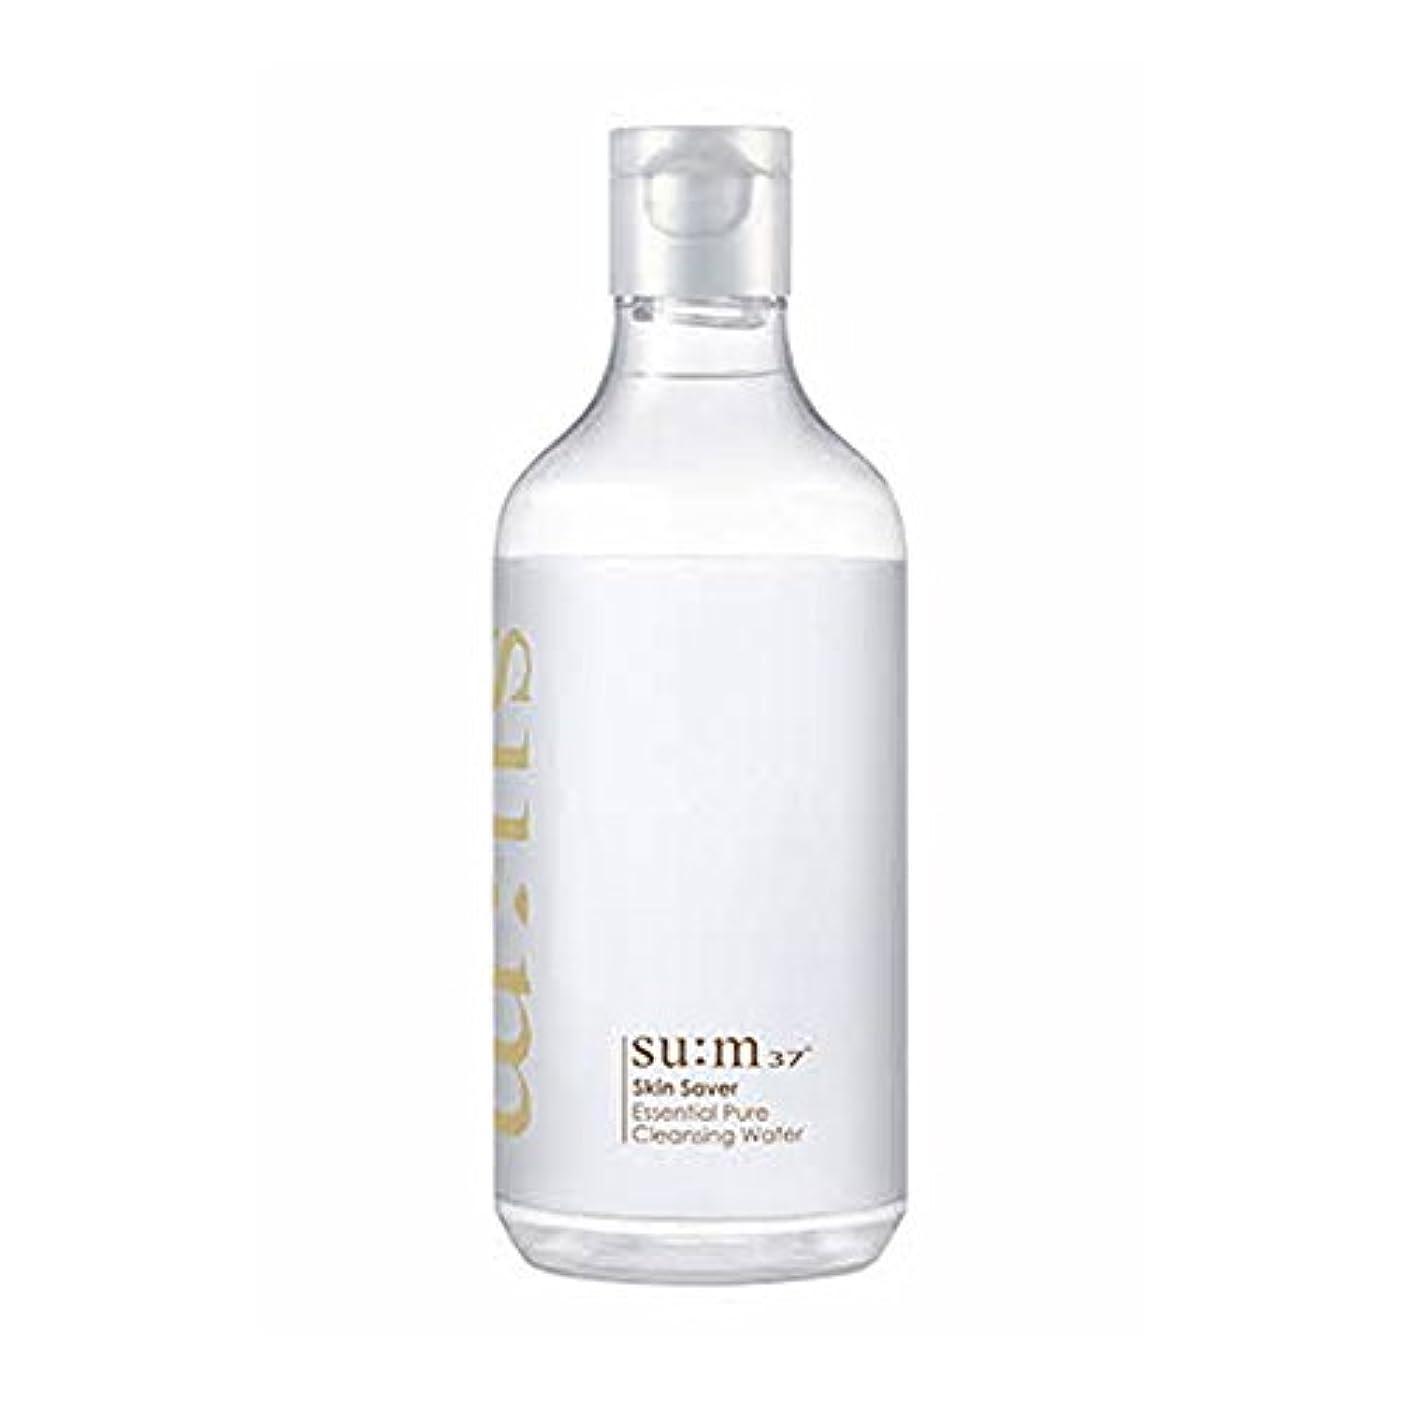 エレメンタルヒギンズ不誠実[スム37°] Sum37° スキンセイバー エッセンシャルピュアクレンジングウォーター  Skin saver Essential Pure Cleansing Water (海外直送品) [並行輸入品]